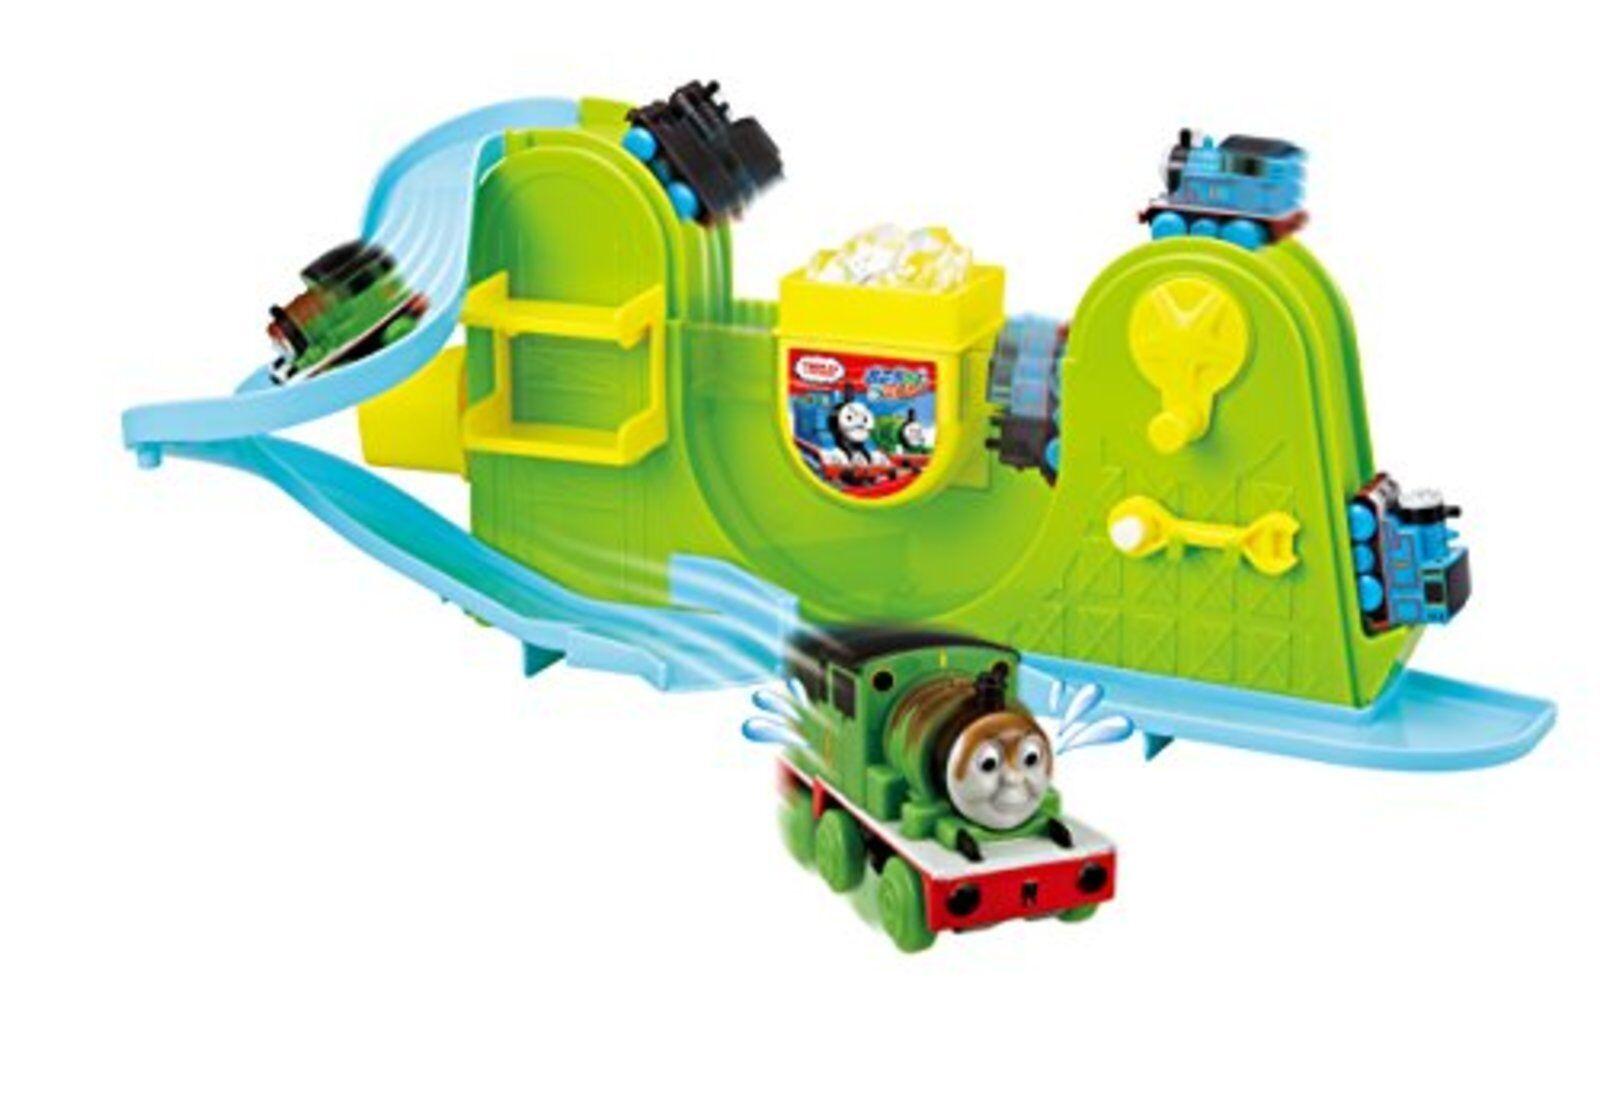 Ofuro de Minivoiture  Thomas la Locomotive & Percy Ensemble F S W   Suivi MouveHommests  promotions discount